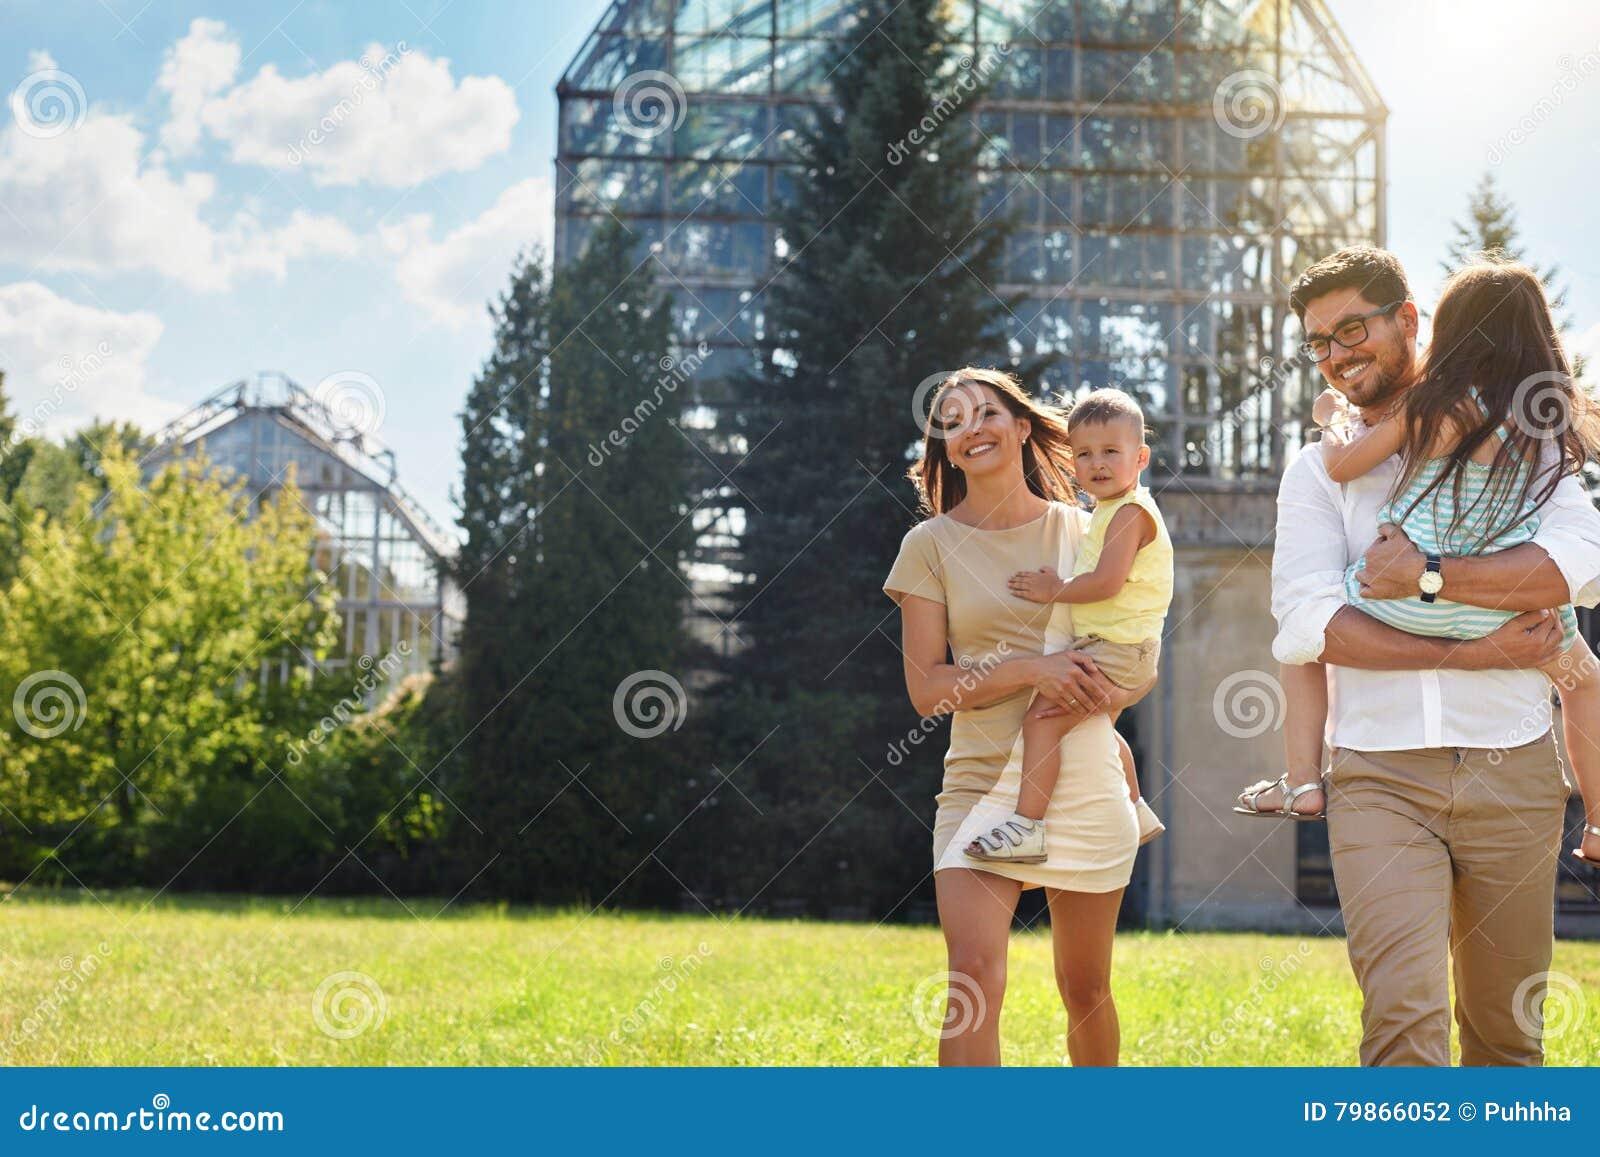 Glückliche Familie in der Natur Schöne Eltern und Kinder draußen